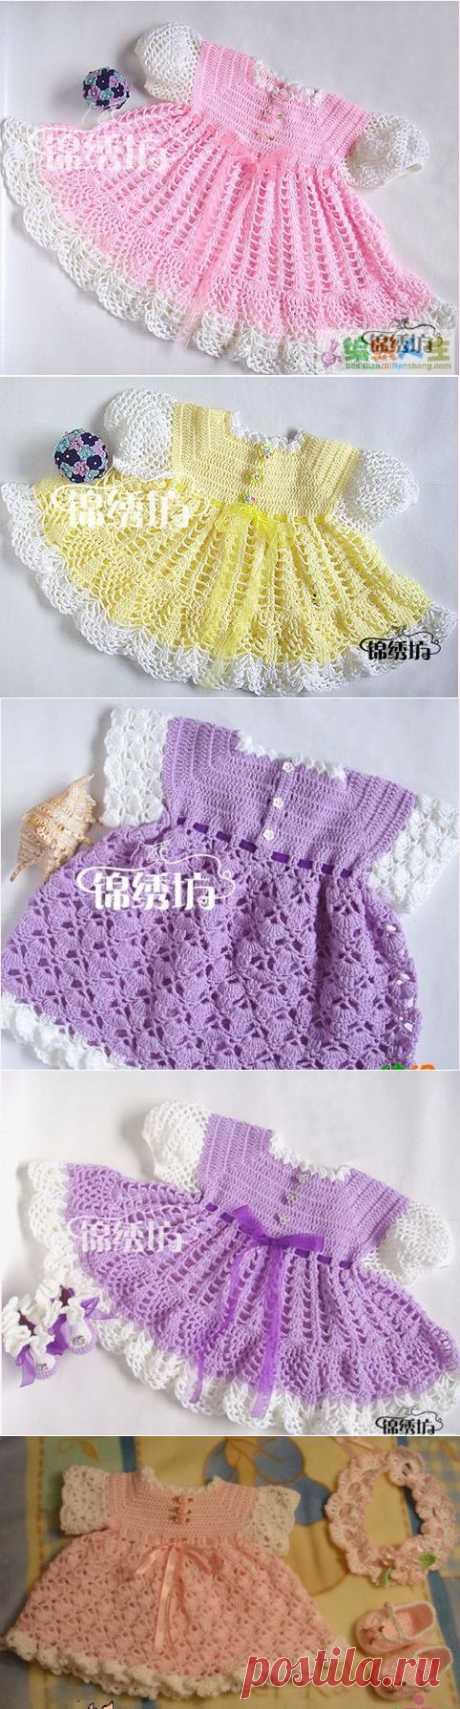 Мастер-класс подробный для вязания таких платьев для малышок.